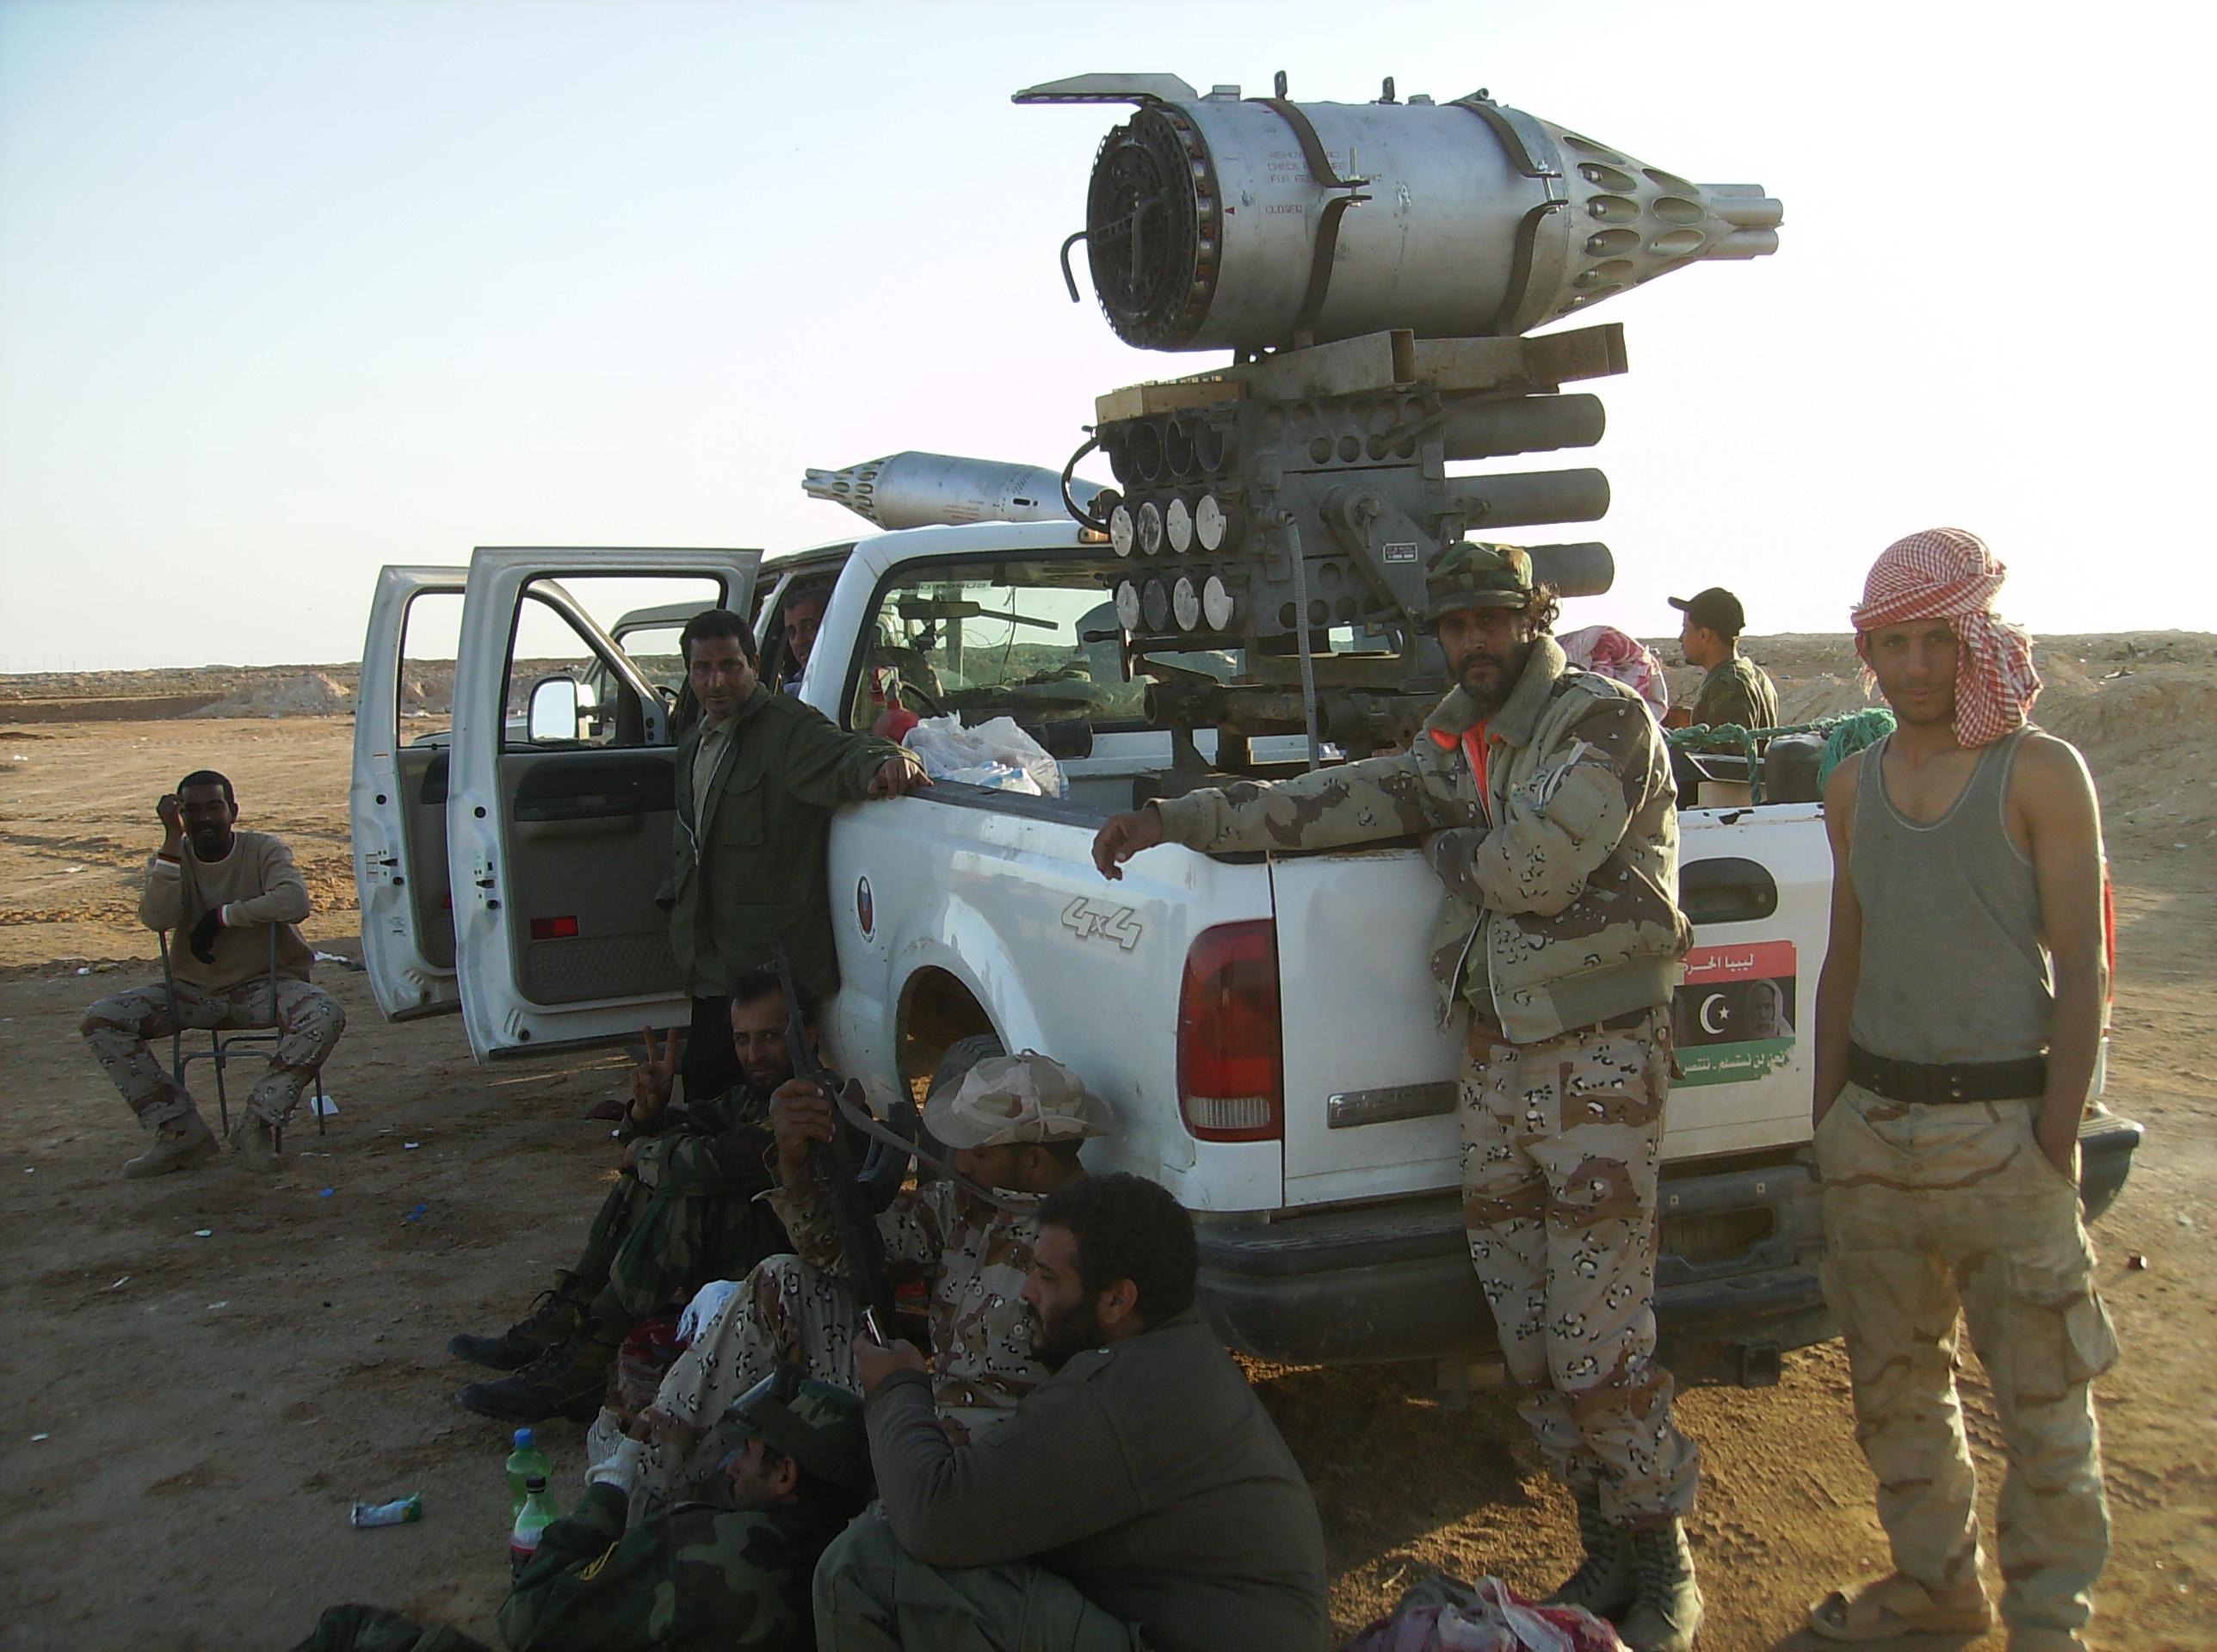 Αυτοοργανωμένοι μαχητές. Συστοιχία ρουκετών mi-24 τοποθετημένες σε 4x4